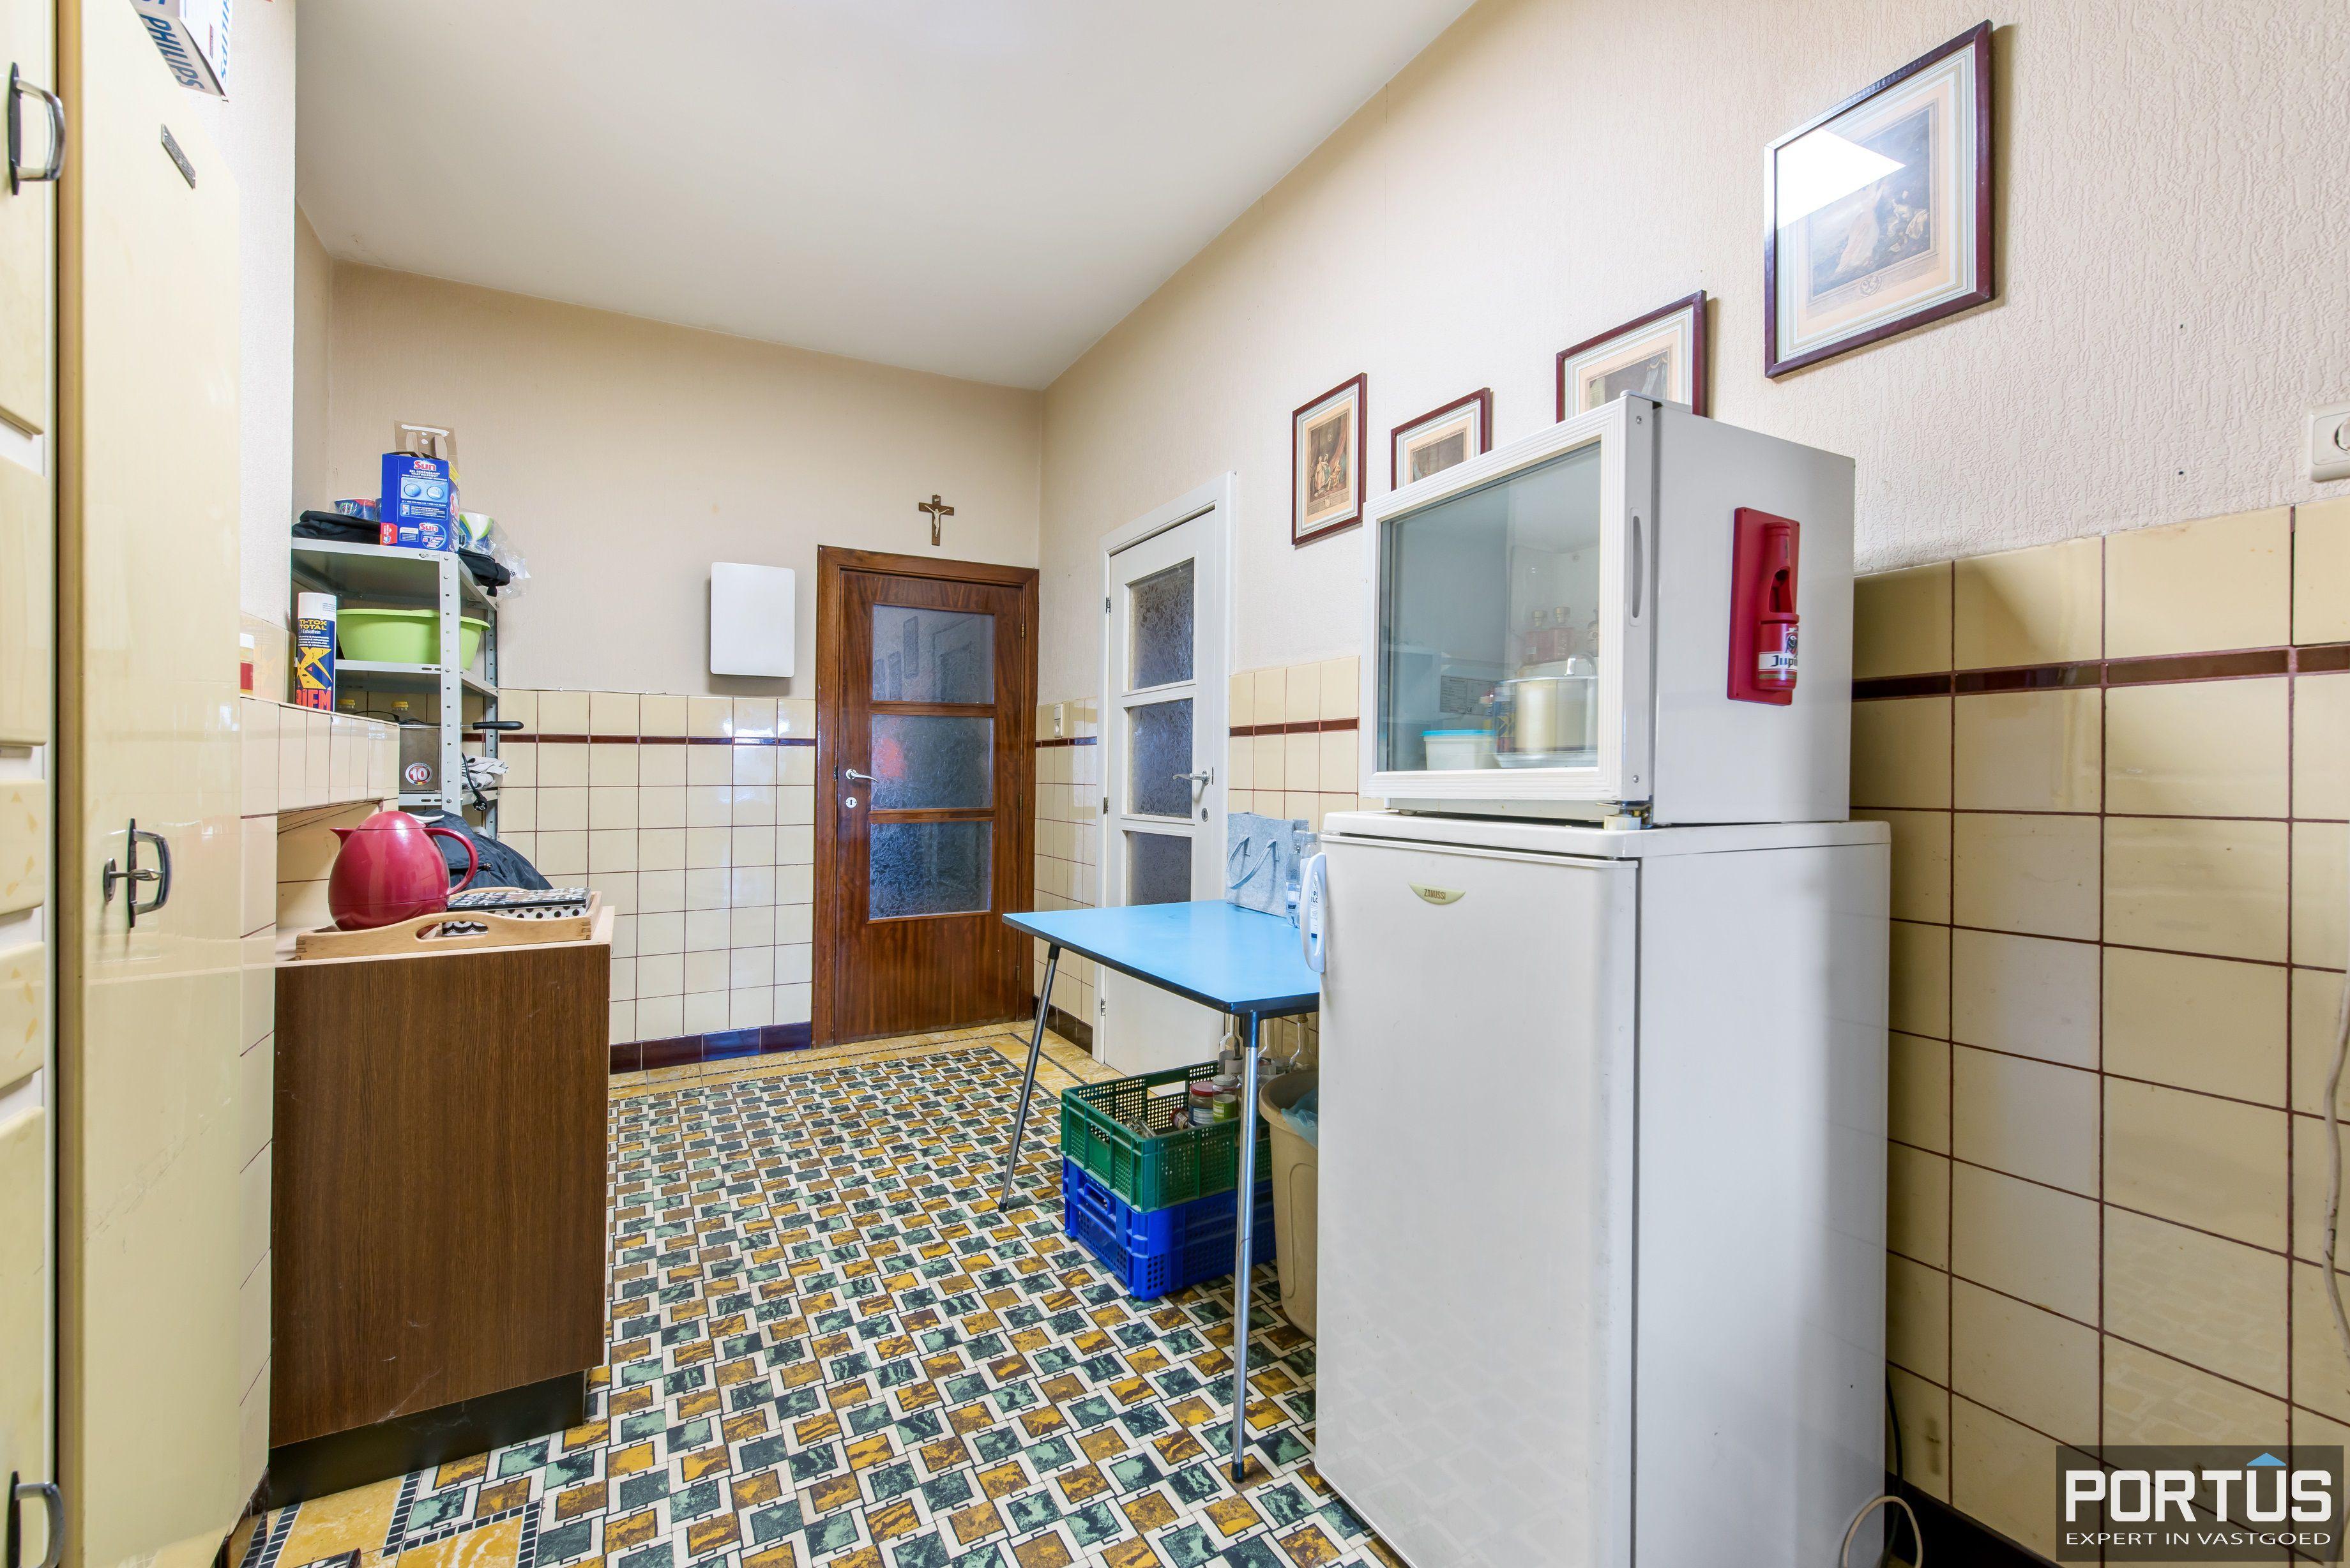 Woning met 4 slaapkamers en grote tuin te koop - 10804